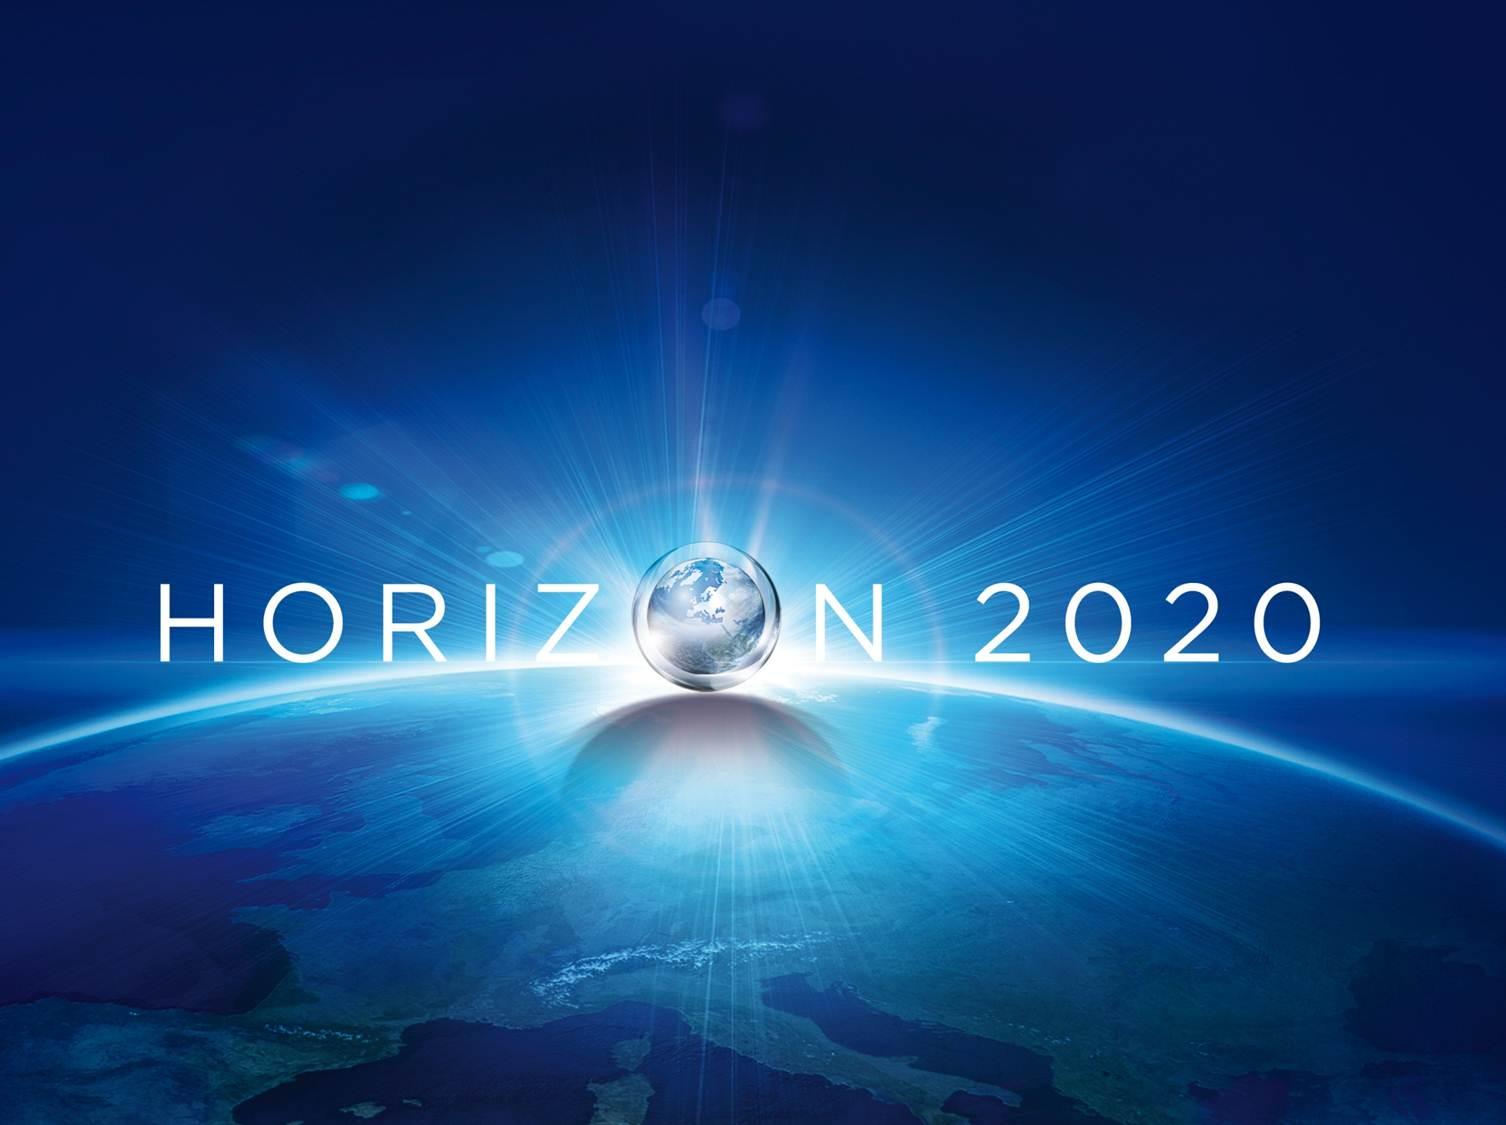 Finanziamenti Horizon 2020